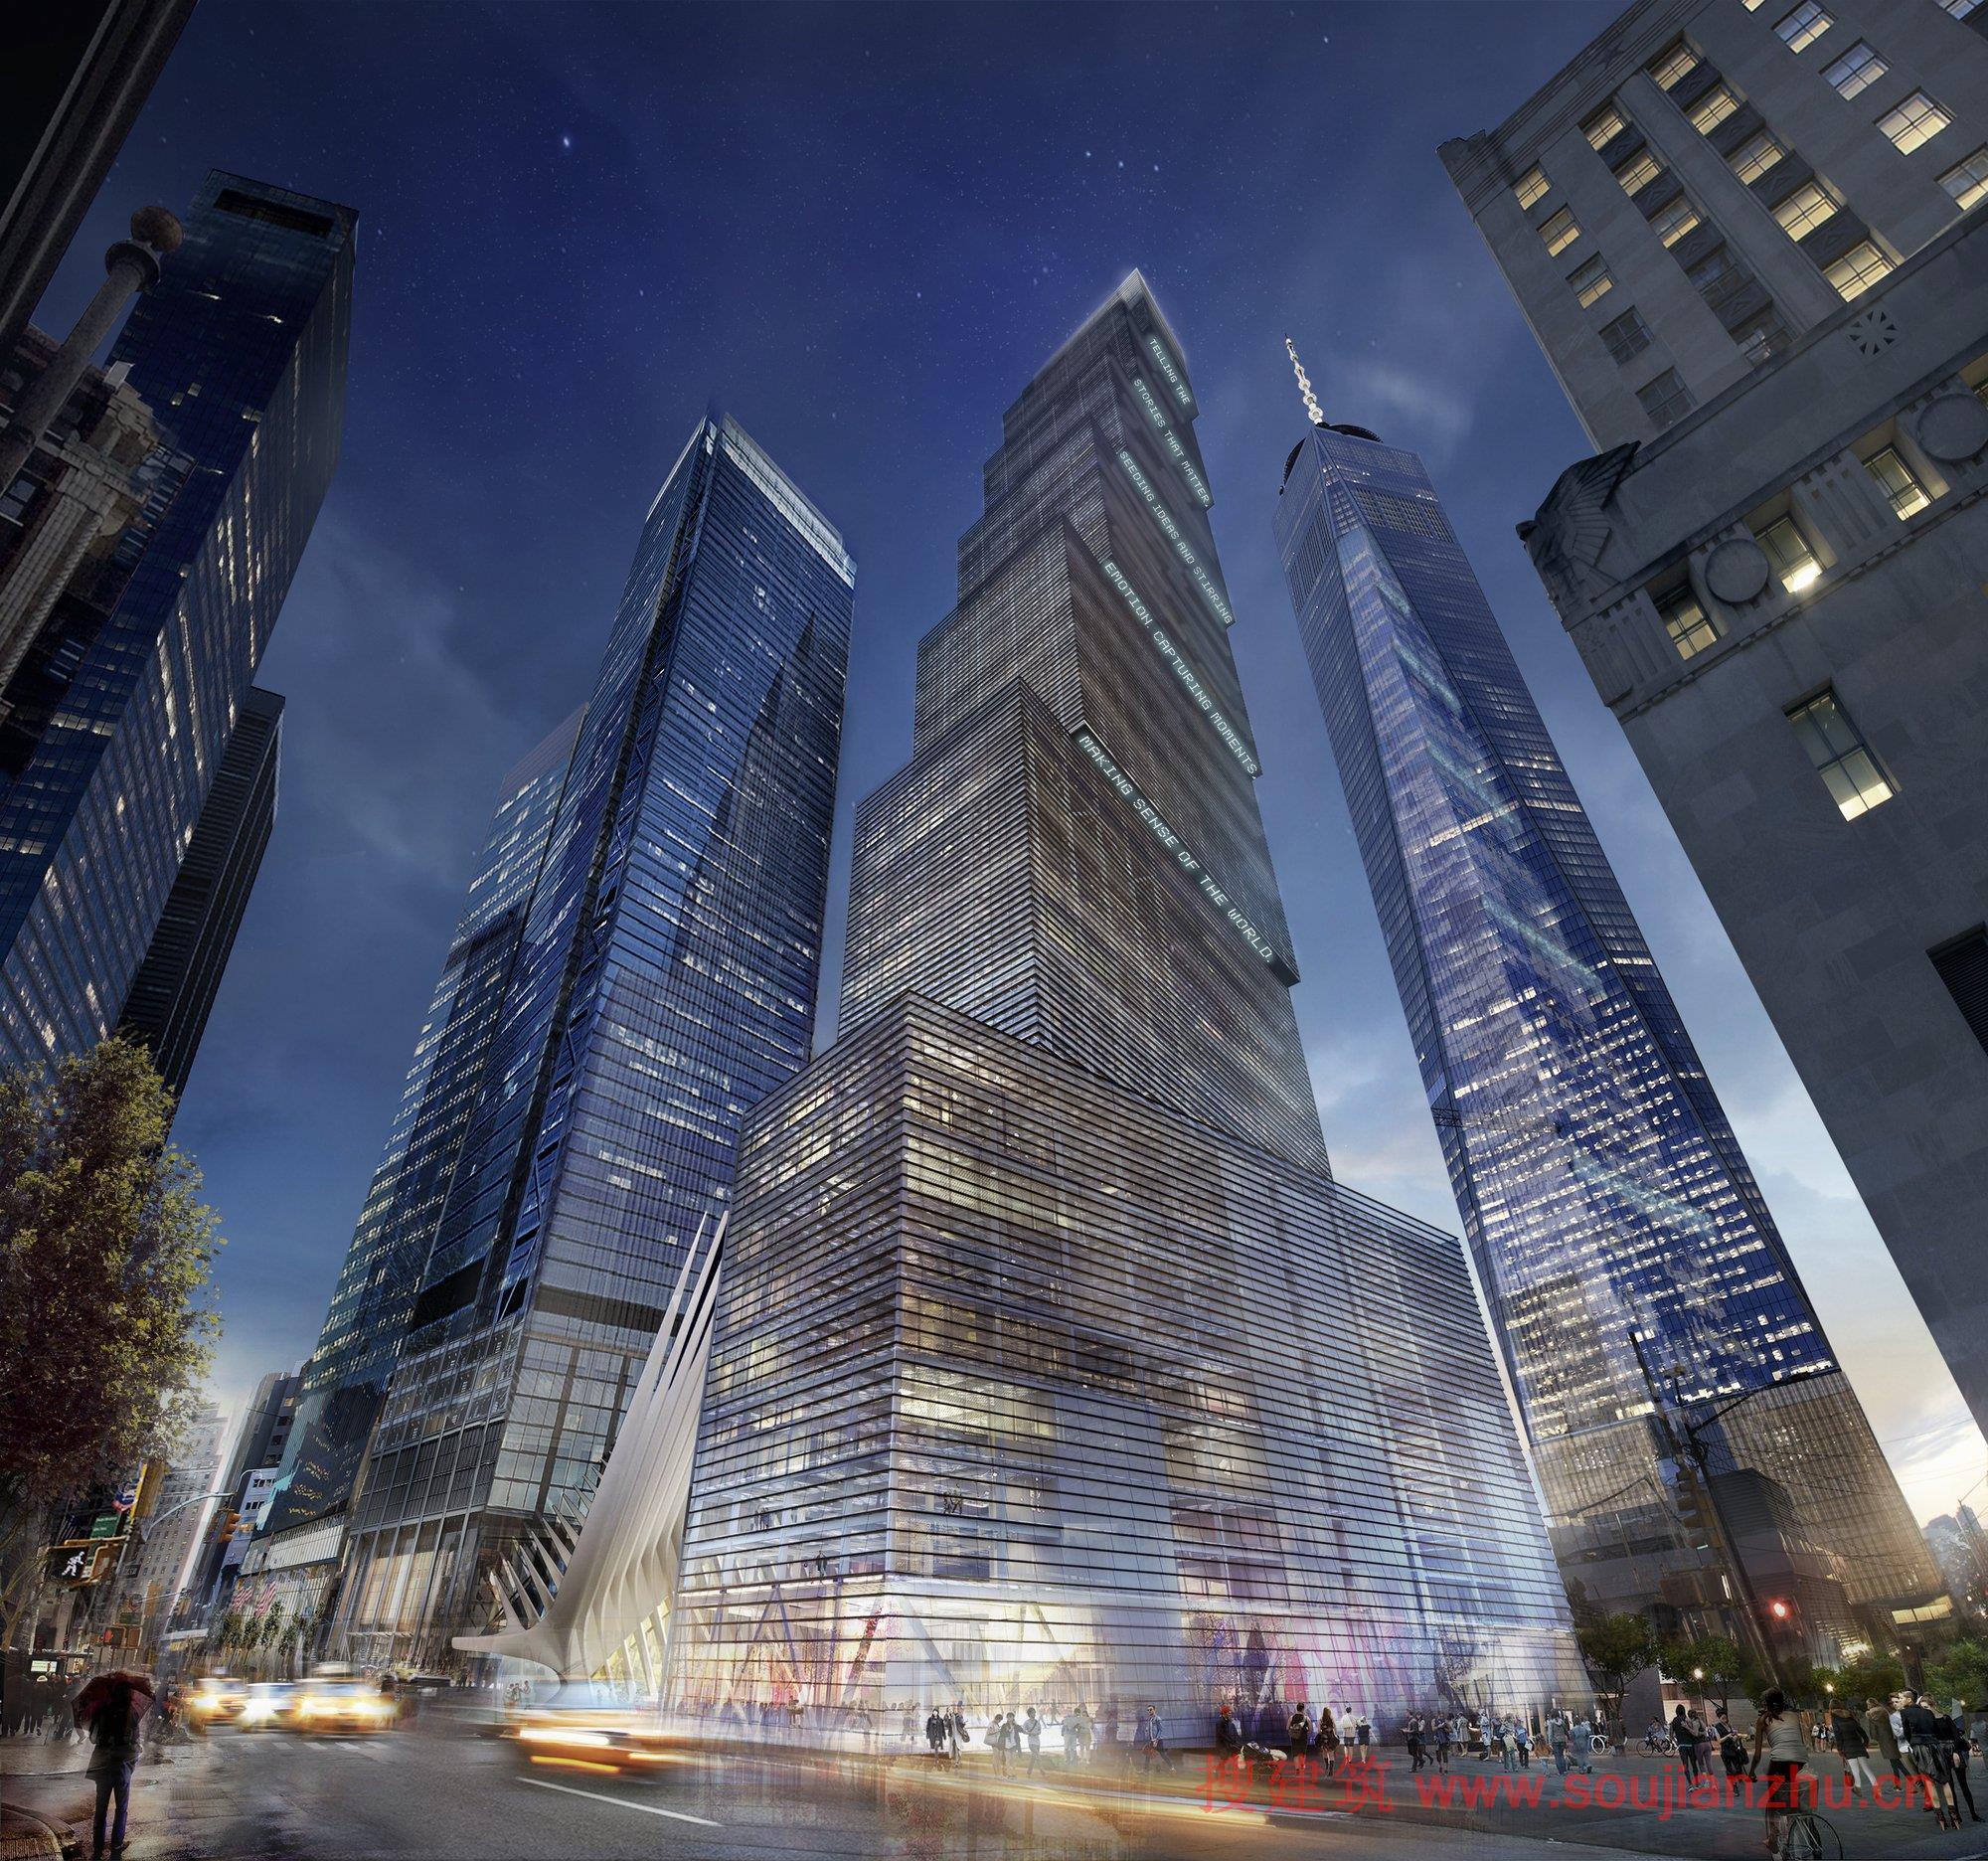 设计 大楼/2015 年全球建筑界有哪些值得关注的事件?